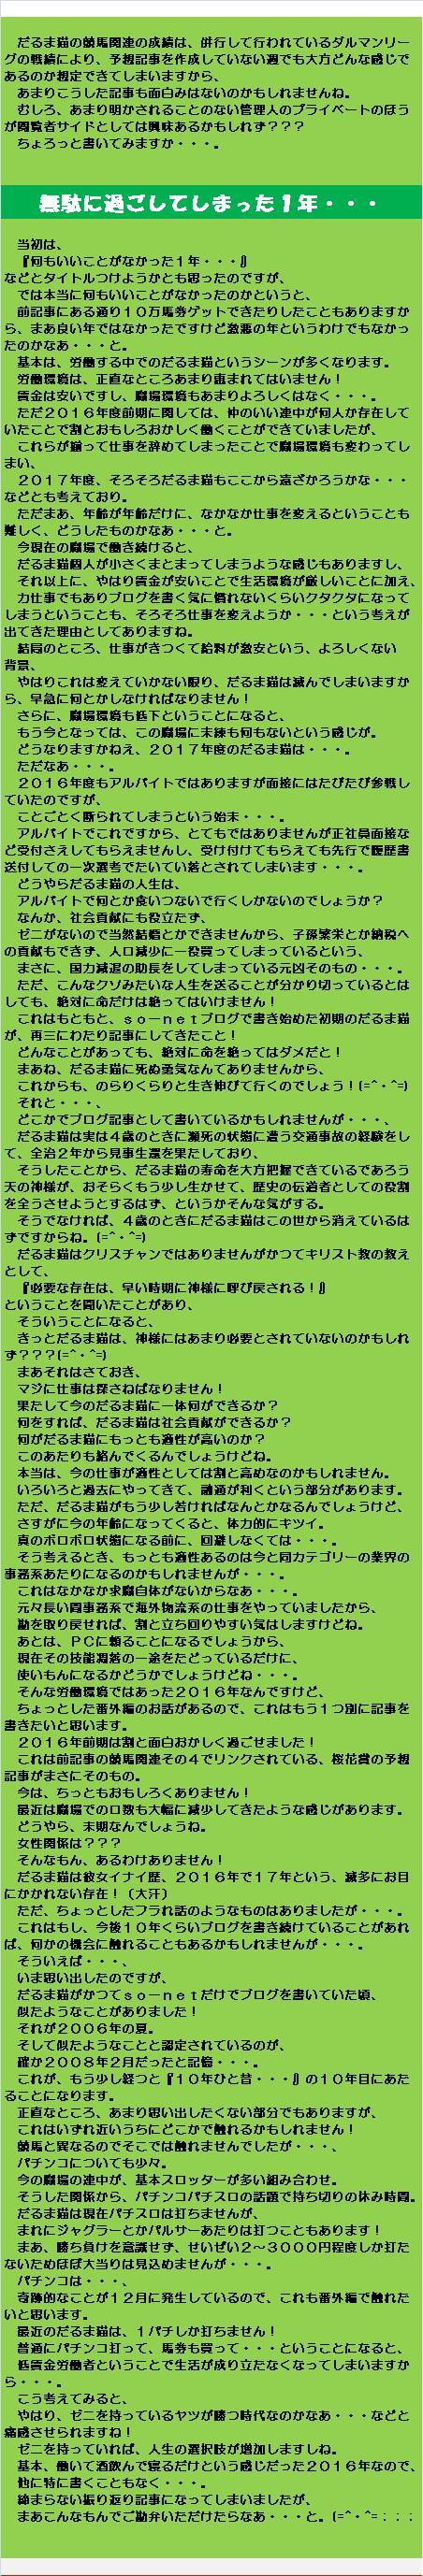 20170109・2016年振り返り(2)~その1~②.jpg